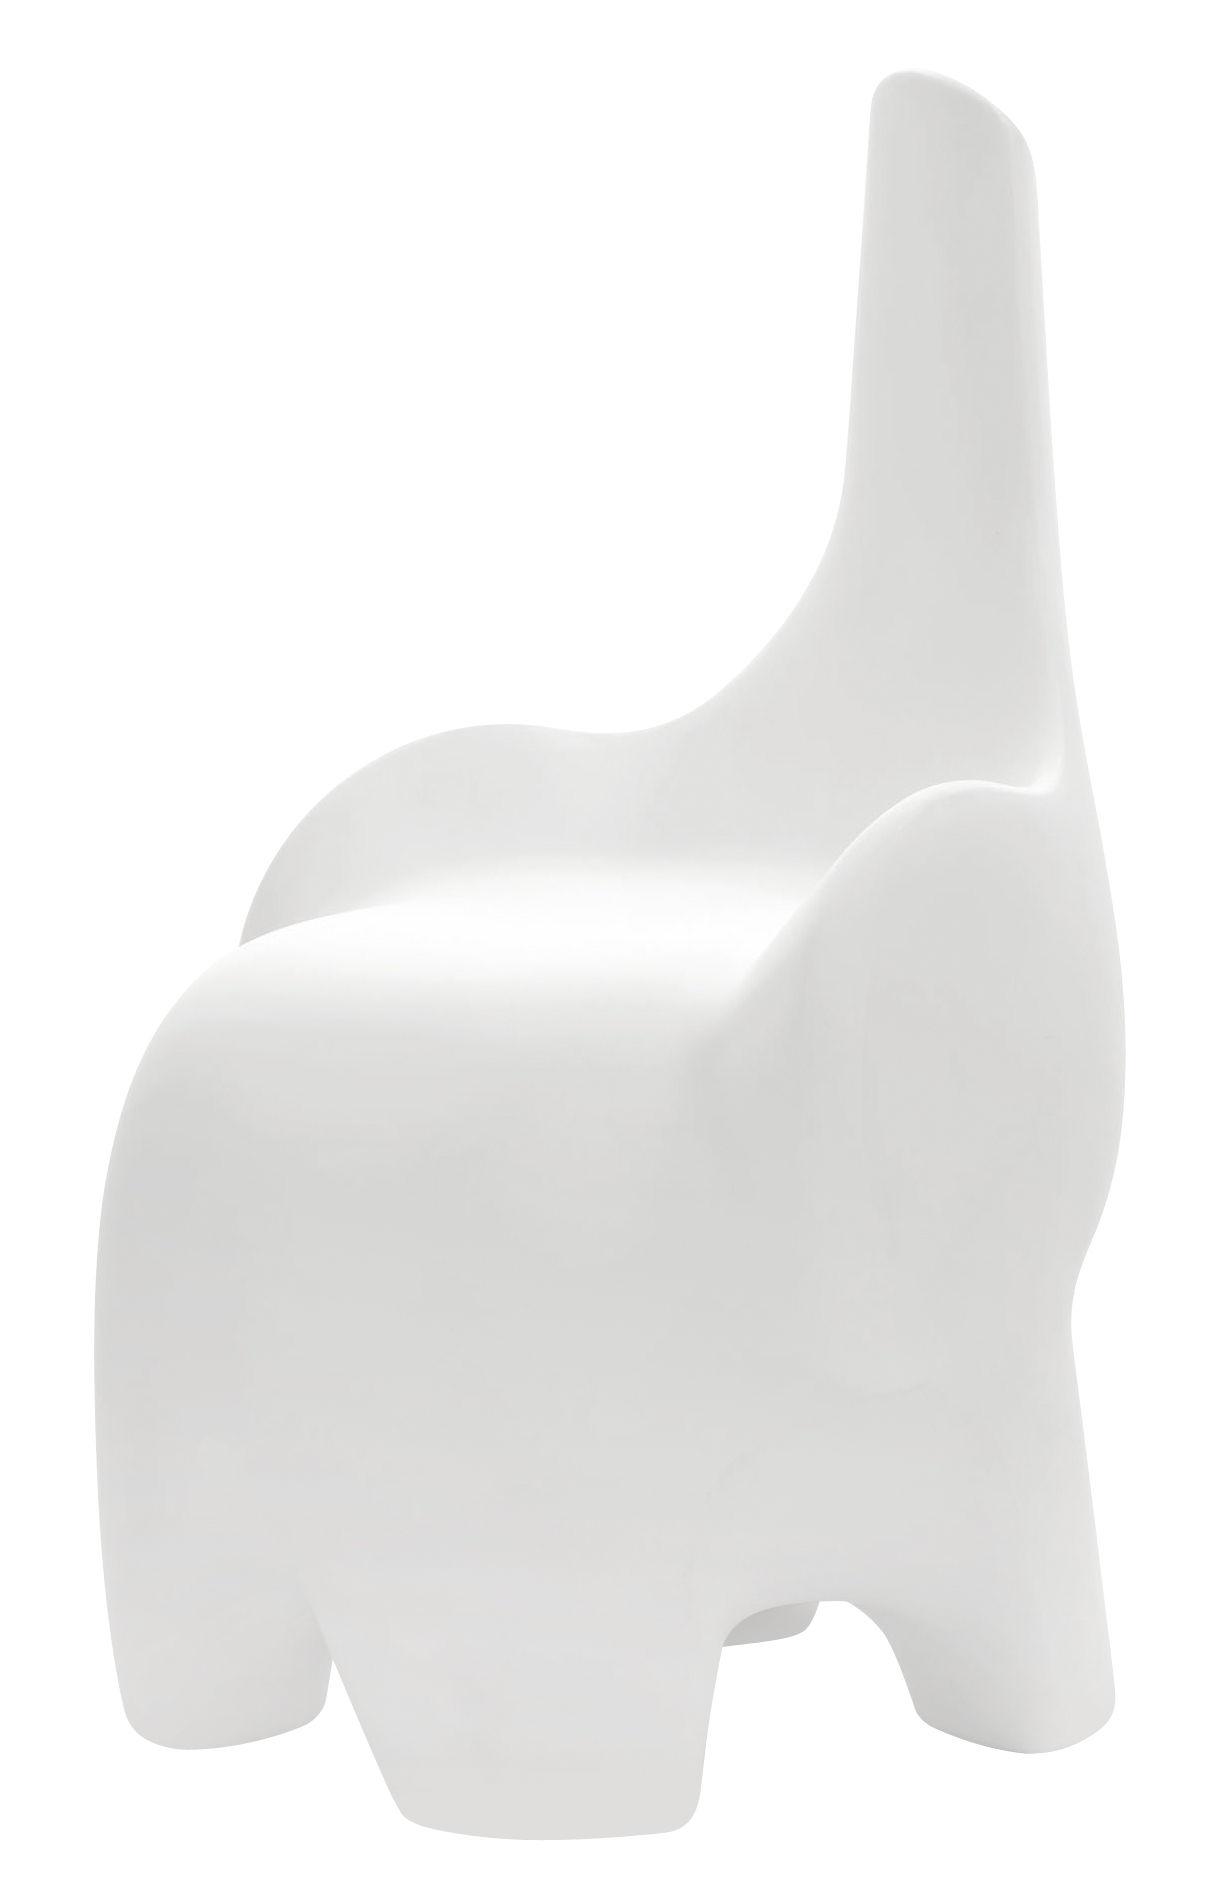 Mobilier - Mobilier Kids - Chaise enfant Tino / Décoration - Intérieur/extérieur - MyYour - Blanc - Plastique Poleasy ®